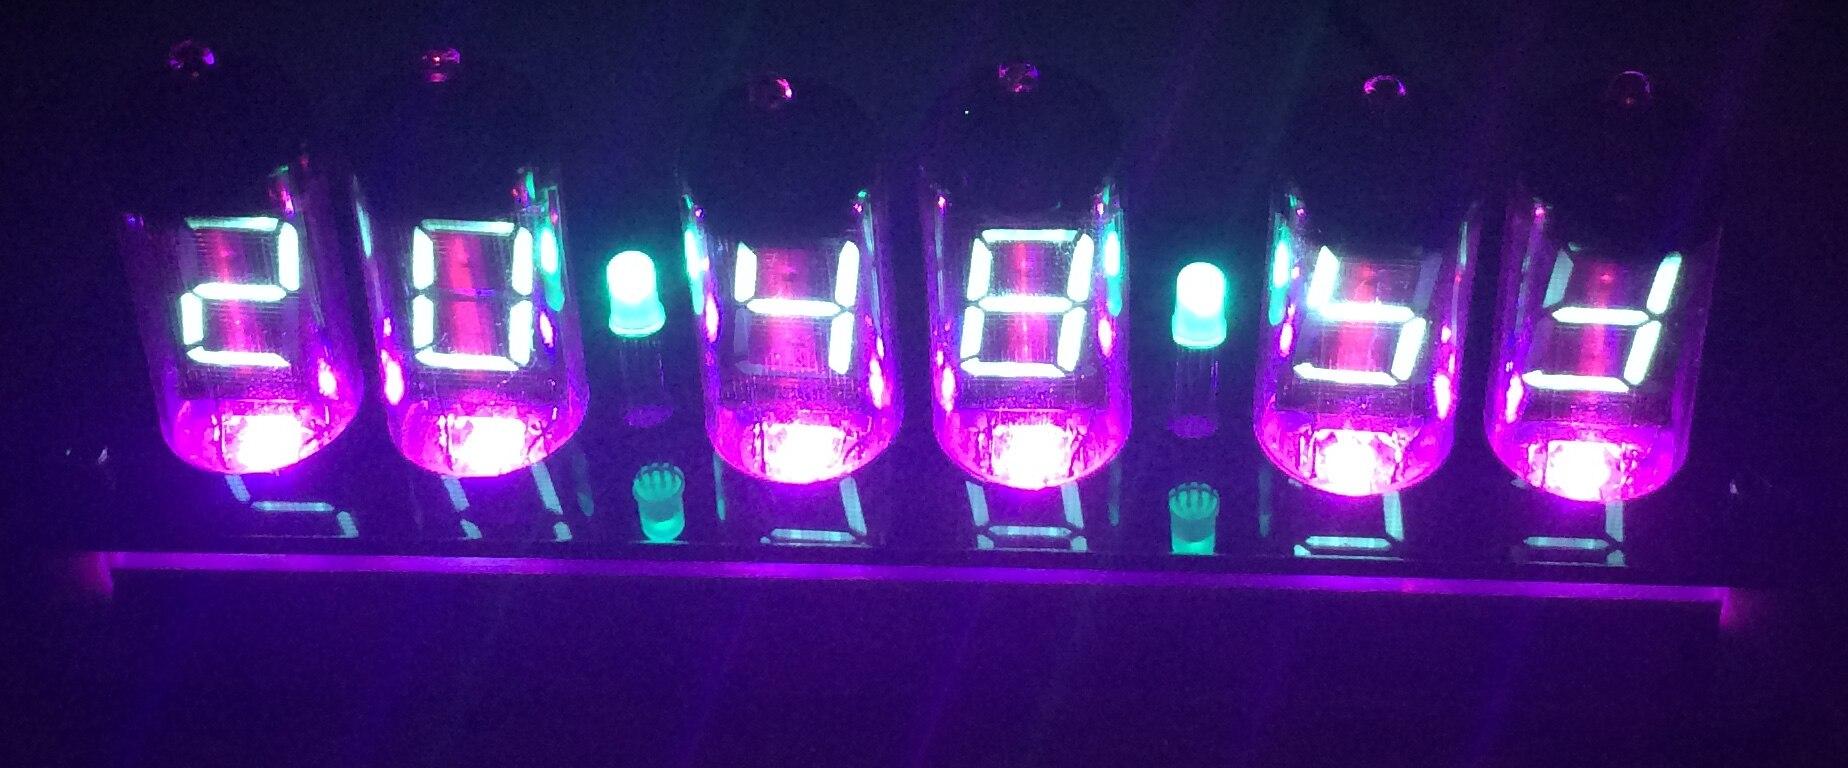 Патч оригинальные IV11 лампах часы DIY пакет VFD электронного флуоресцентные трубки вакуумный флуоресцентный Дисплей